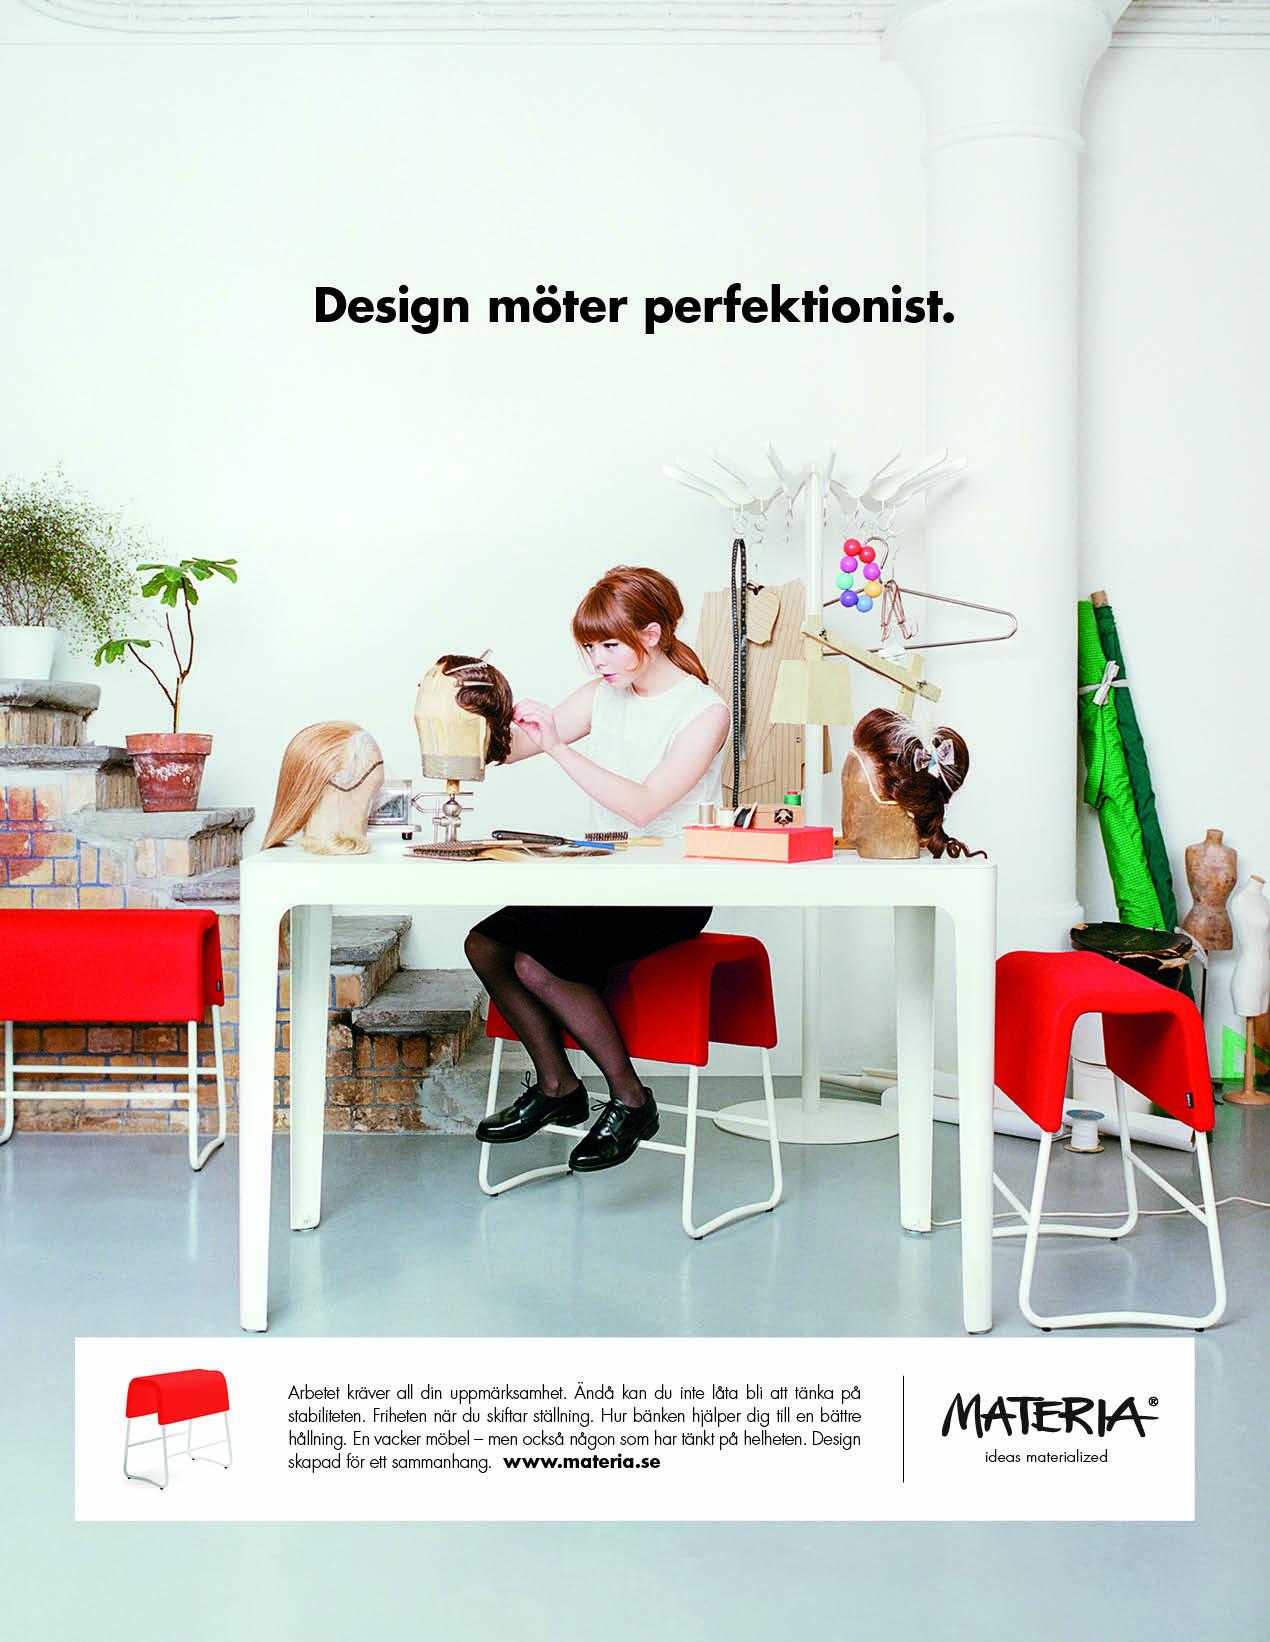 Materia_annonser2.jpg